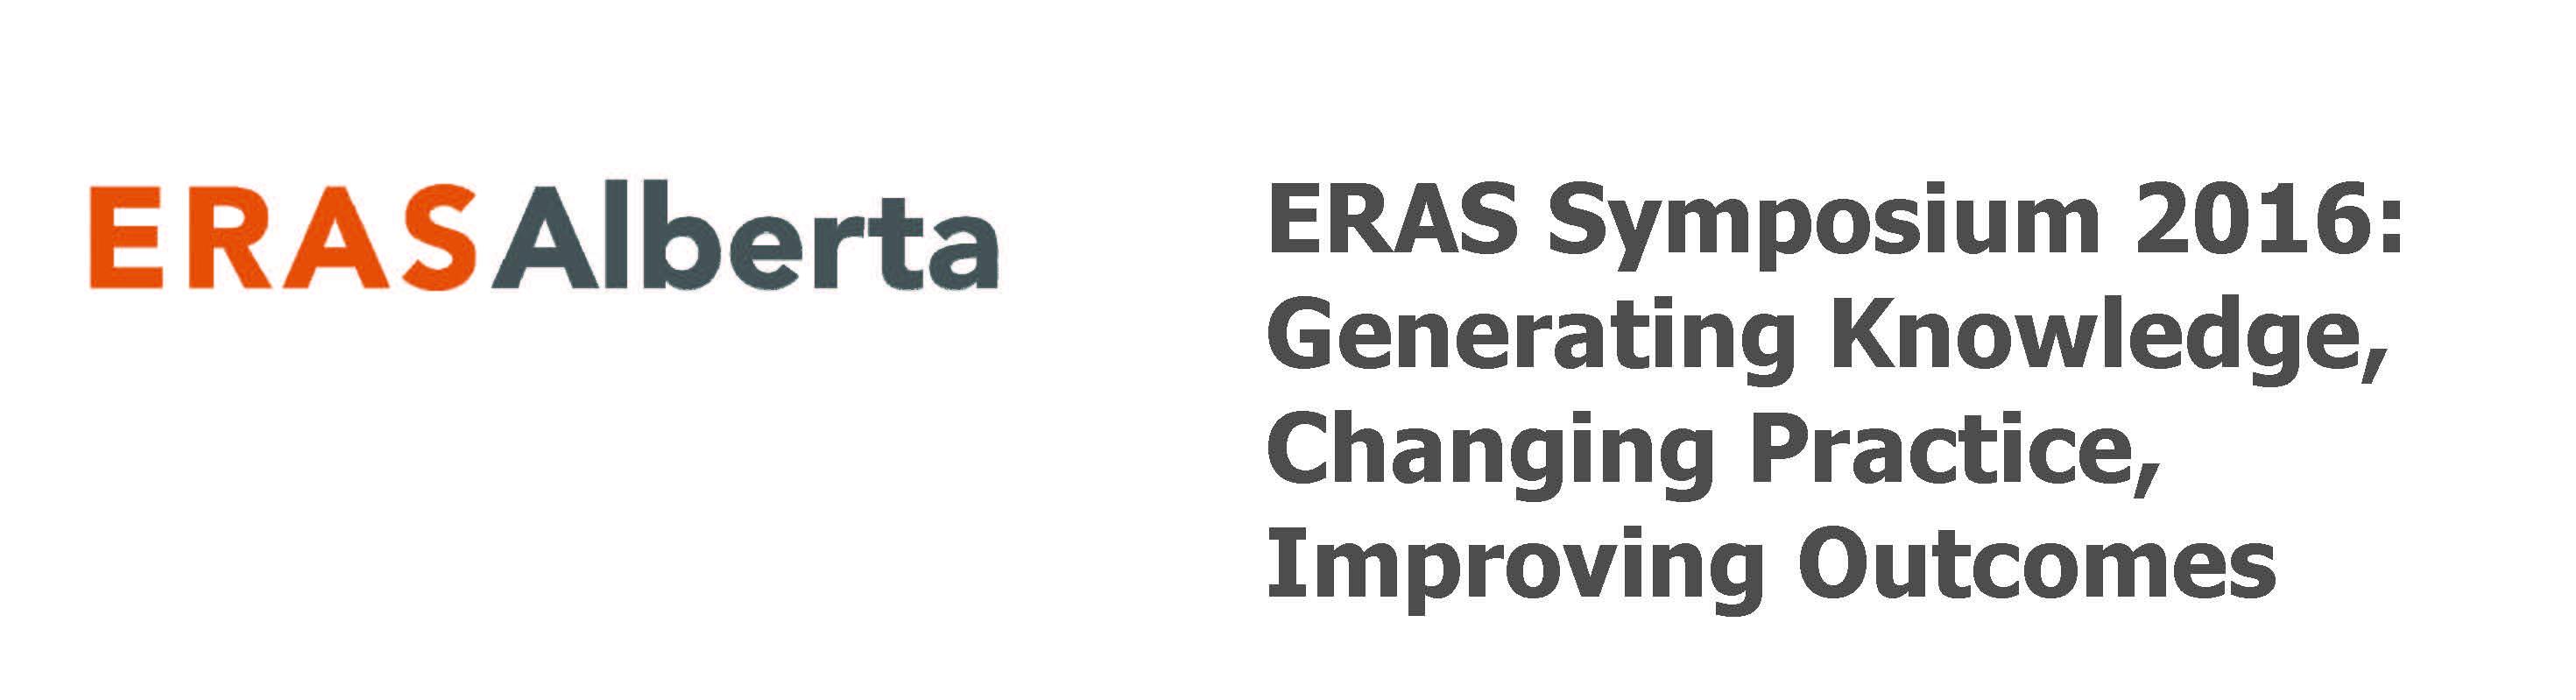 ERAS Symposium 2016